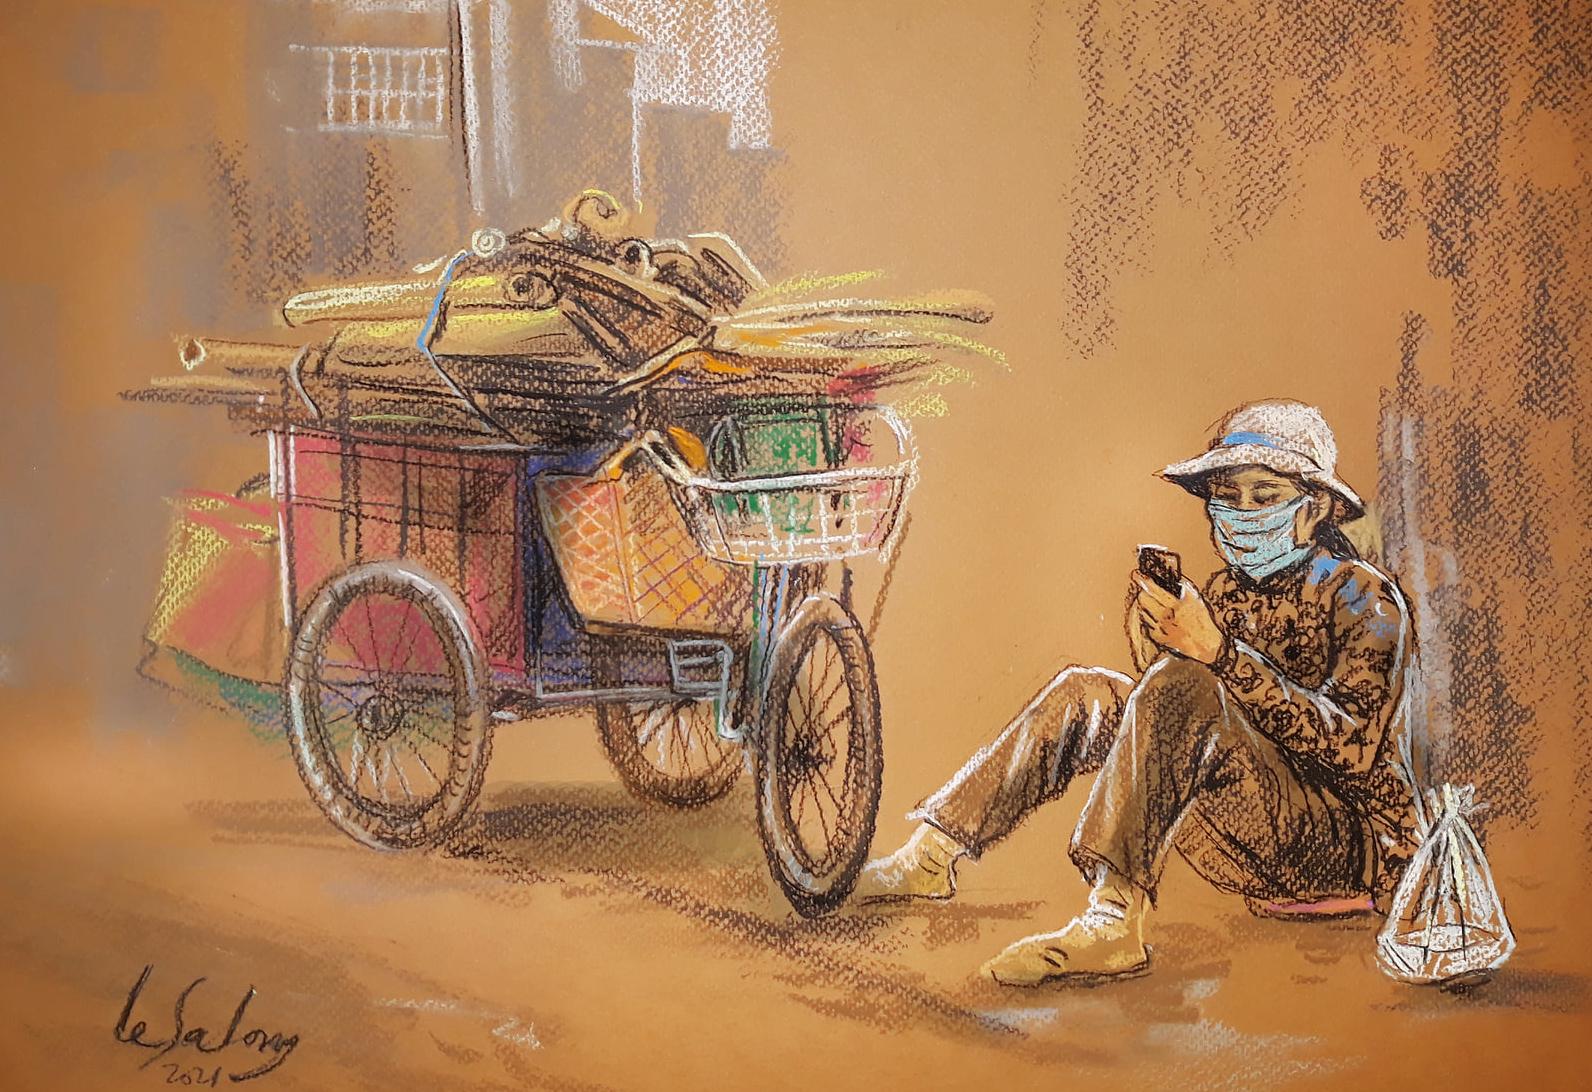 Tác phẩm Phút nghỉ trưa của người mua ve chai, nằm trong bộ tranh Sài Gòn trong những ngày giãn cách, của họa sĩ Lê Sa Long.